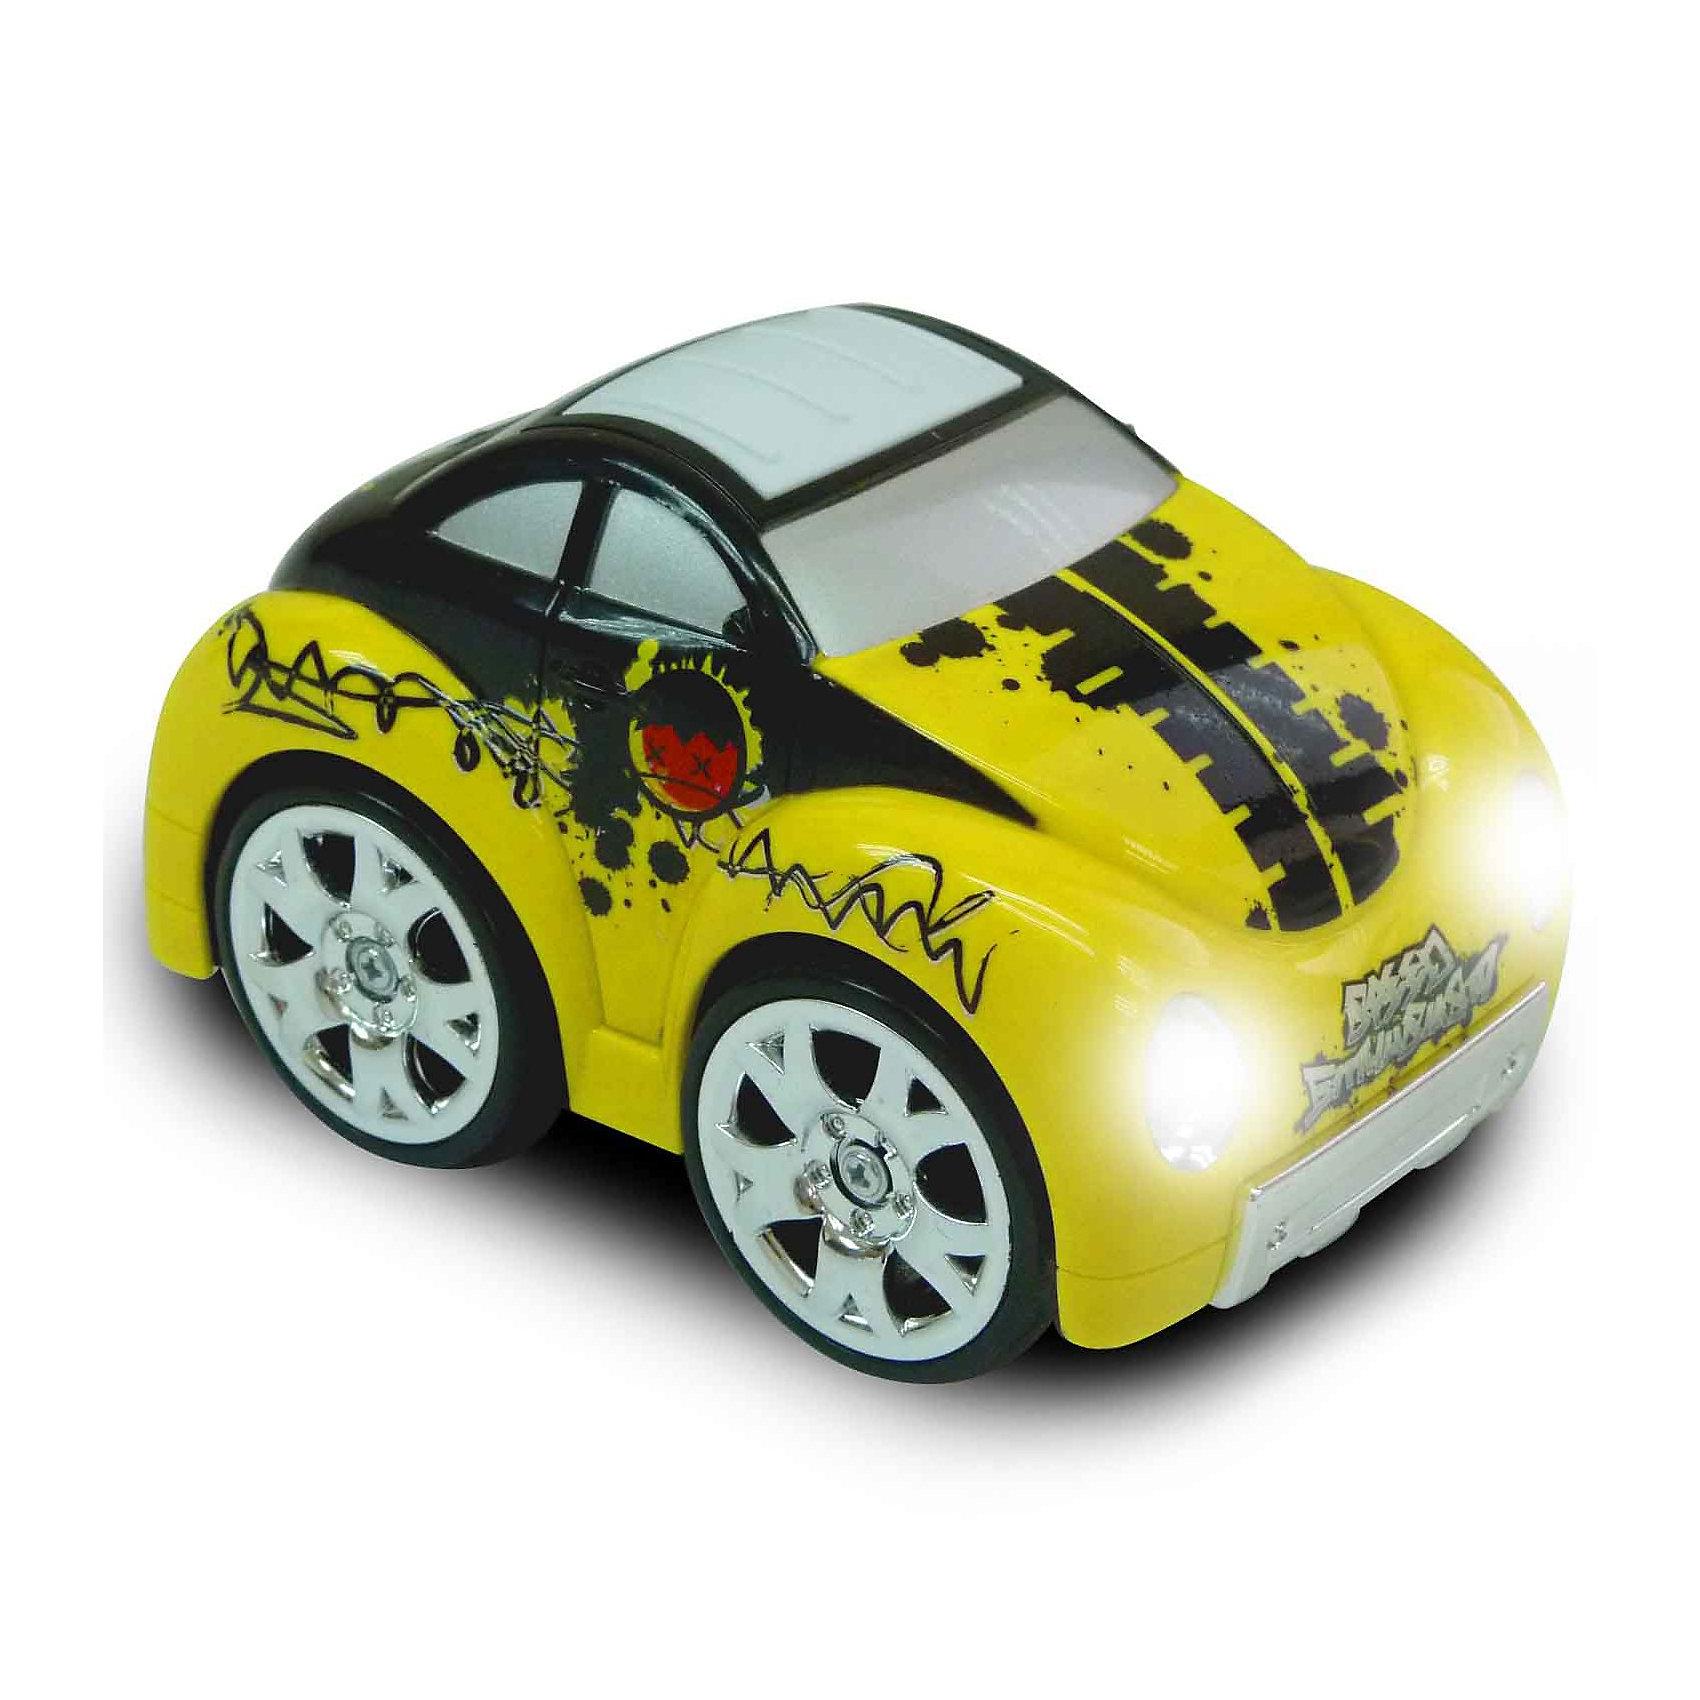 KidzTech Радиоуправляемая мини машинка желтого цветаМашинки<br>Радиоуправляемая мини машинка станет отличным подарком для Вашего малыша.Маленькая маневренная машинка, которой можно дистанционно управлять – что может быть лучше! С ней Вы проведете множество незабываемых мгновений<br>Размер упаковки: 22х11х12,5 см.<br>Радиоуправляемая мини машинка станет отличным подарком для Вашего малыша.Маленькая маневренная машинка, которой можно дистанционно управлять – что может быть лучше! С ней Вы проведете множество незабываемых мгновений.<br>Яркие фары этой машинки позволят устраивать увлекательные заезды даже в темное время суток.<br>В комплекте: радиоуправляемый автомобиль, пульт дистанционного управления, антенна, инструкция на русском языке.<br>Для работы машинки требуется 3 батарейки типа 1,5V АА, которые продаются отдельно. <br>Для работы пульта требуется 1 батарейка 9V.<br><br>Ширина мм: 220<br>Глубина мм: 110<br>Высота мм: 125<br>Вес г: 720<br>Возраст от месяцев: 36<br>Возраст до месяцев: 1188<br>Пол: Мужской<br>Возраст: Детский<br>SKU: 2539761